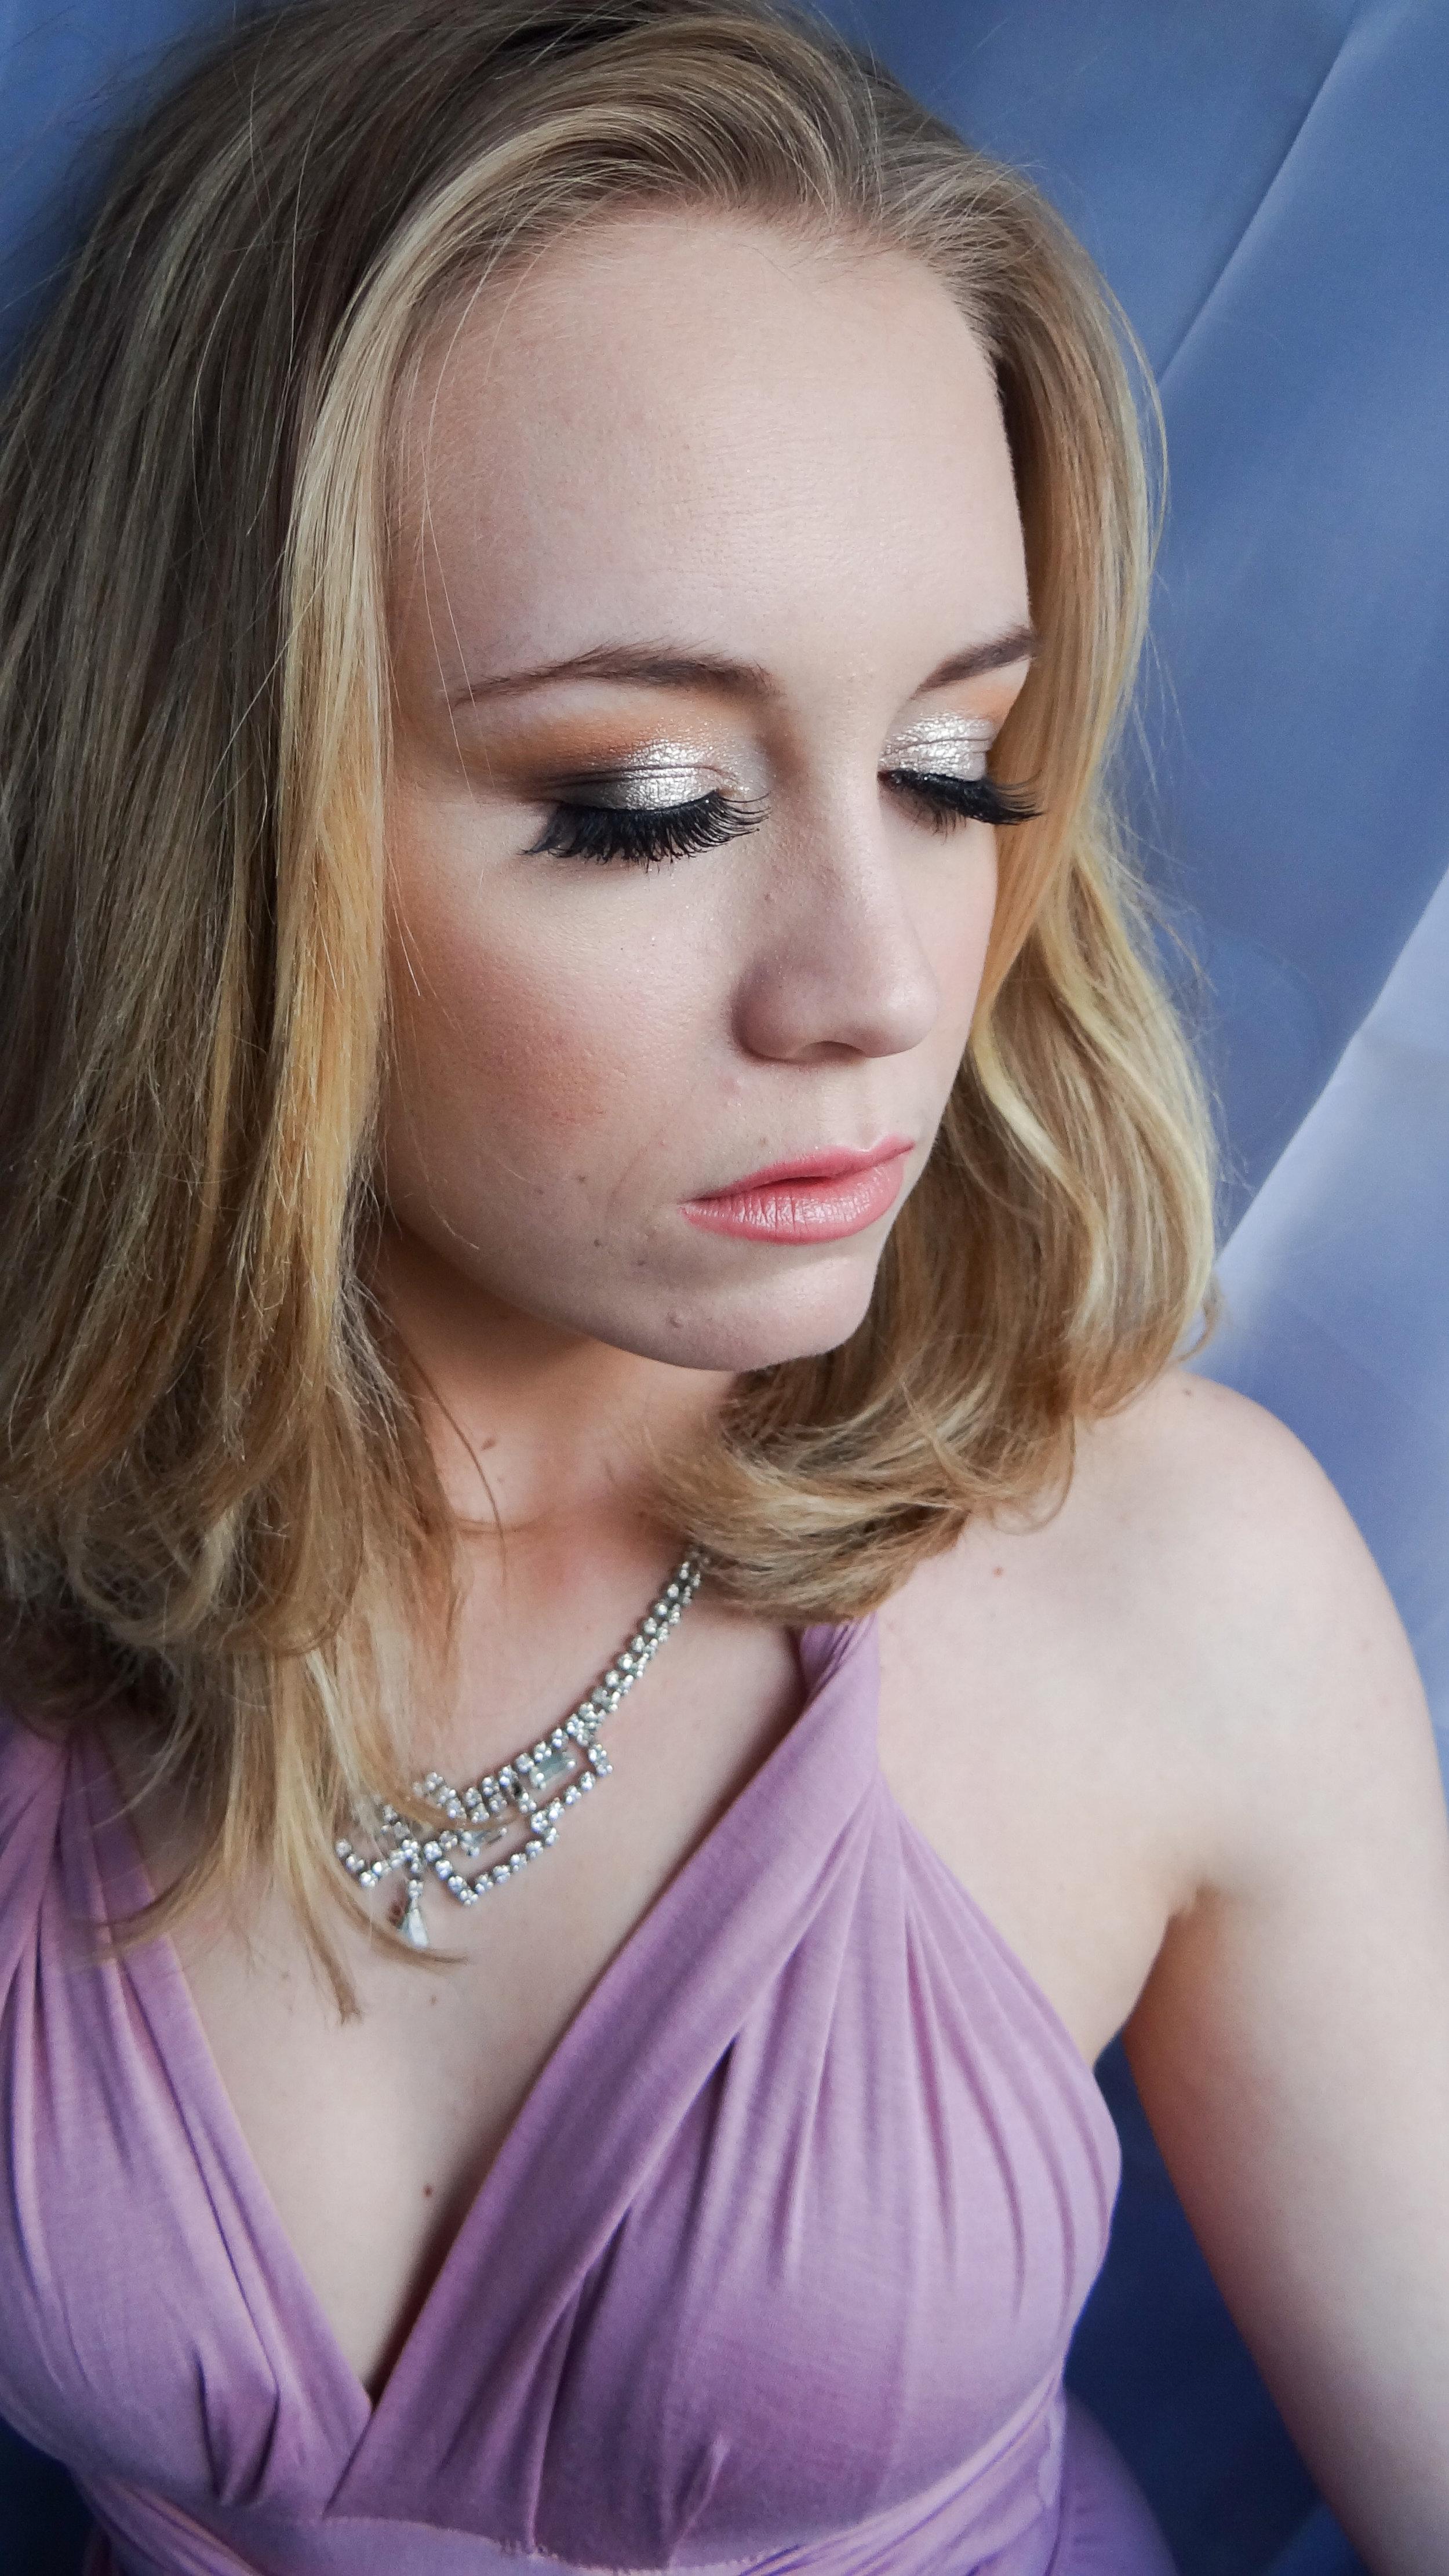 Beauty Makeup - Artistry by Jacquie, Ottawa Makeup Artist #4.jpg